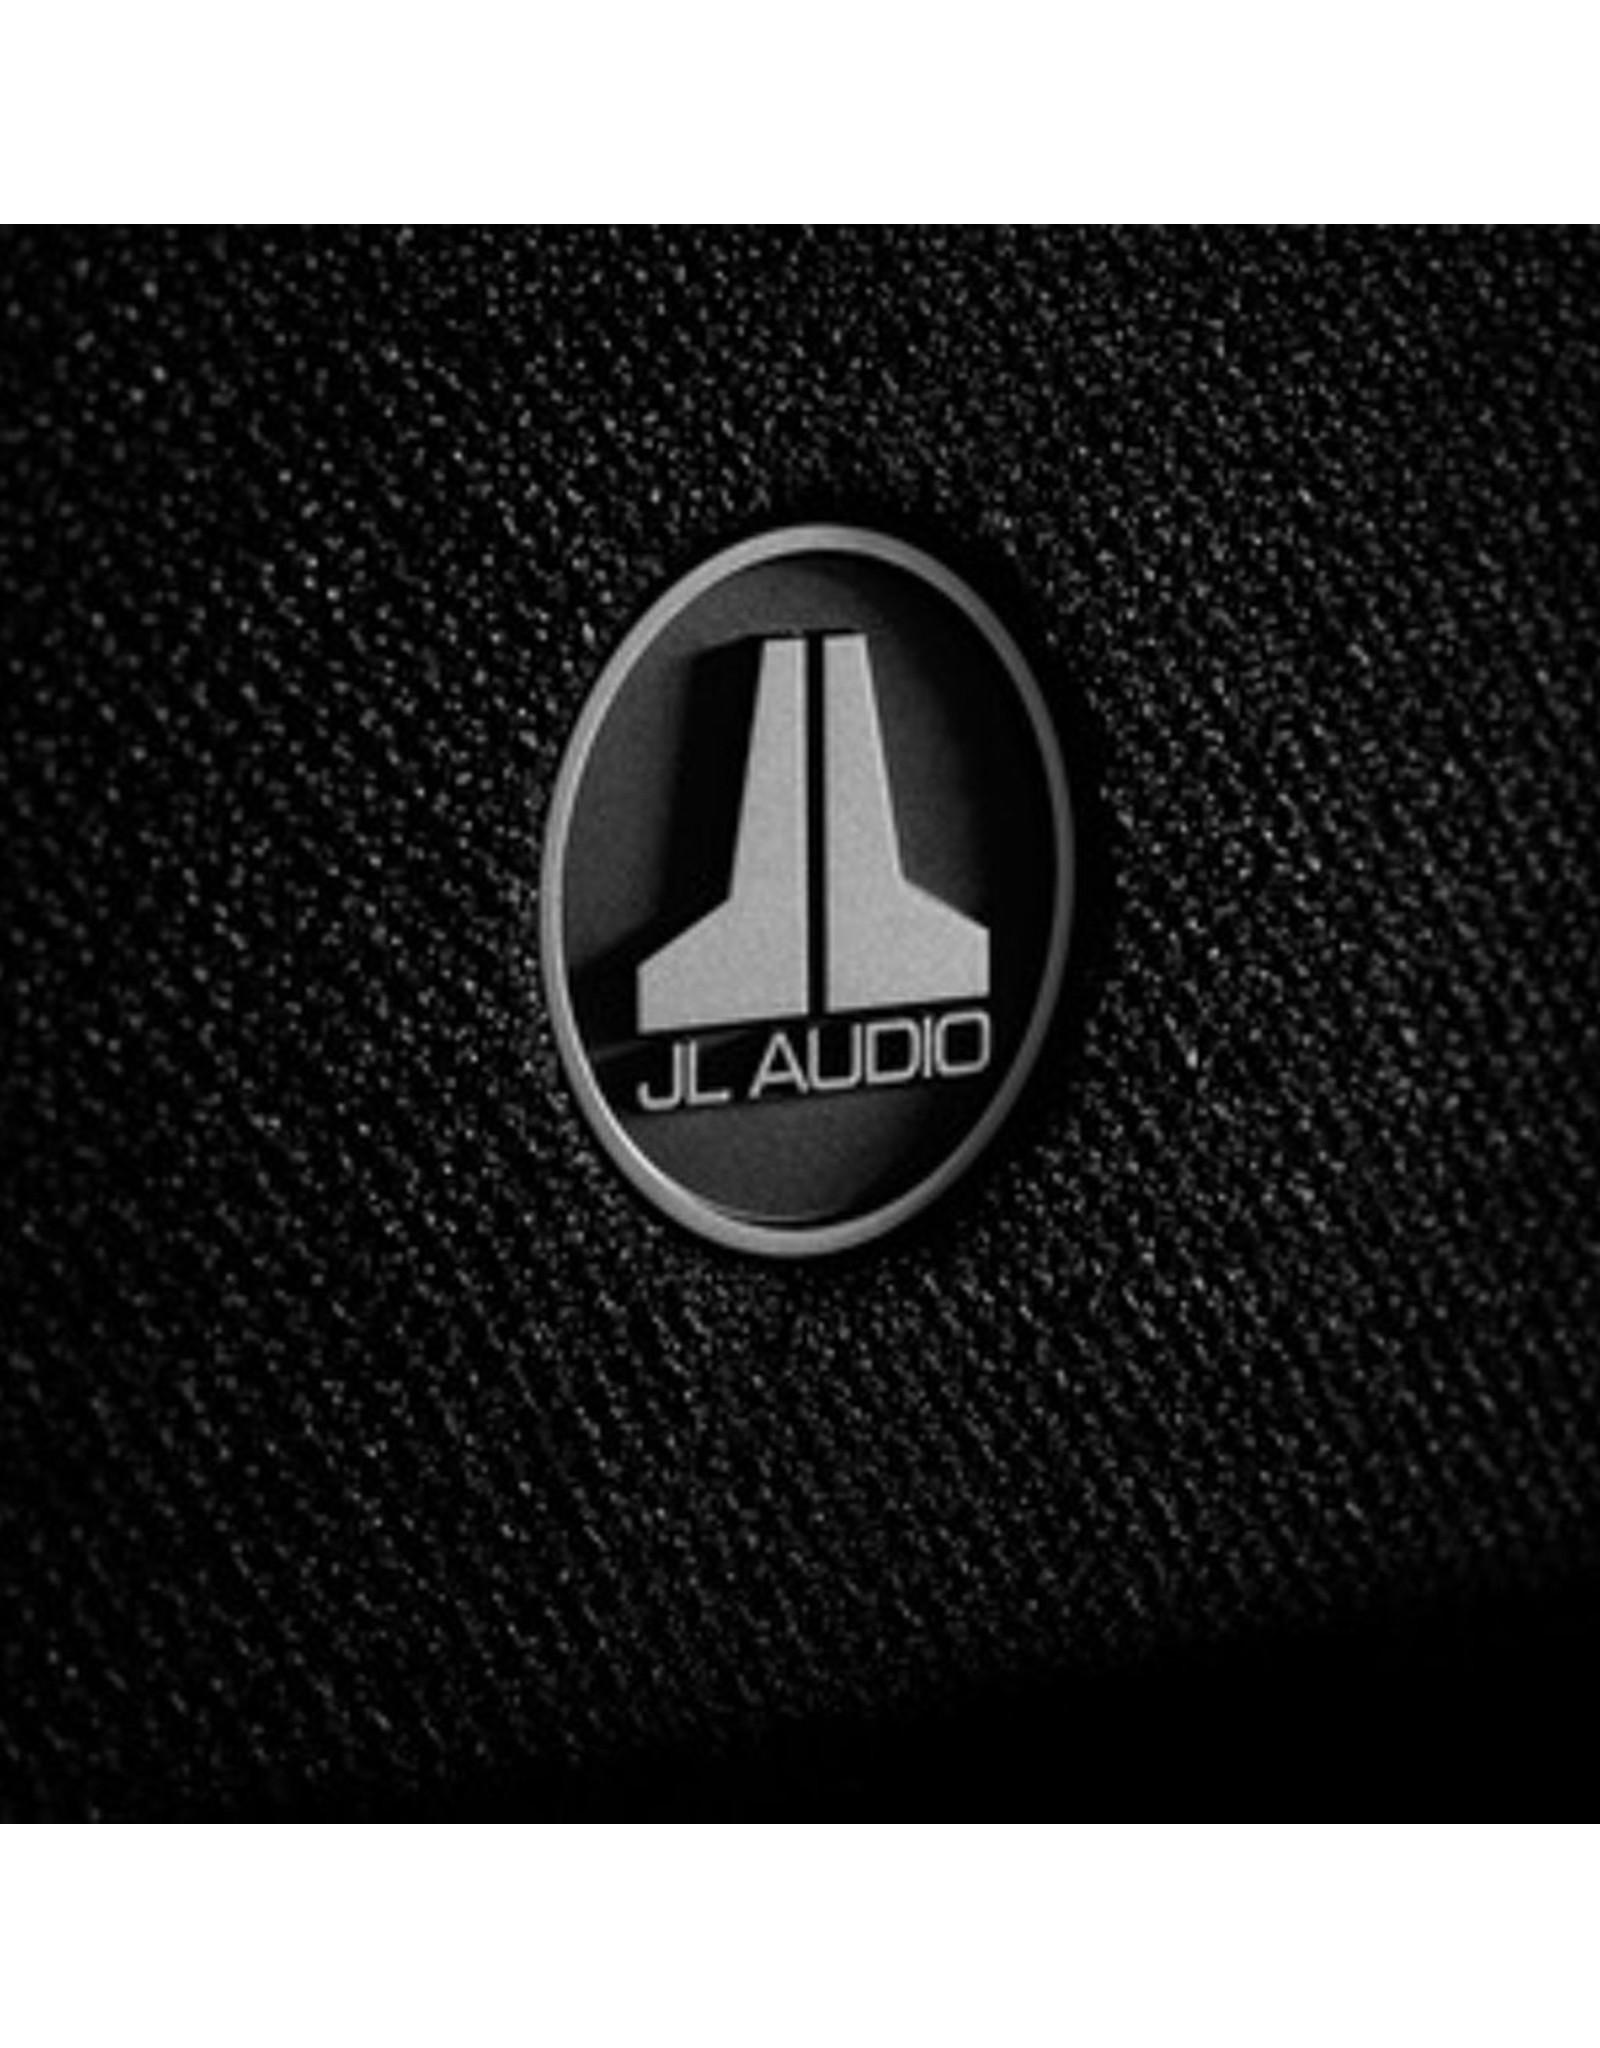 JL AUDIO JL AUDIO d110 10'' Dominion 750W Subwoofer BLACK ASH